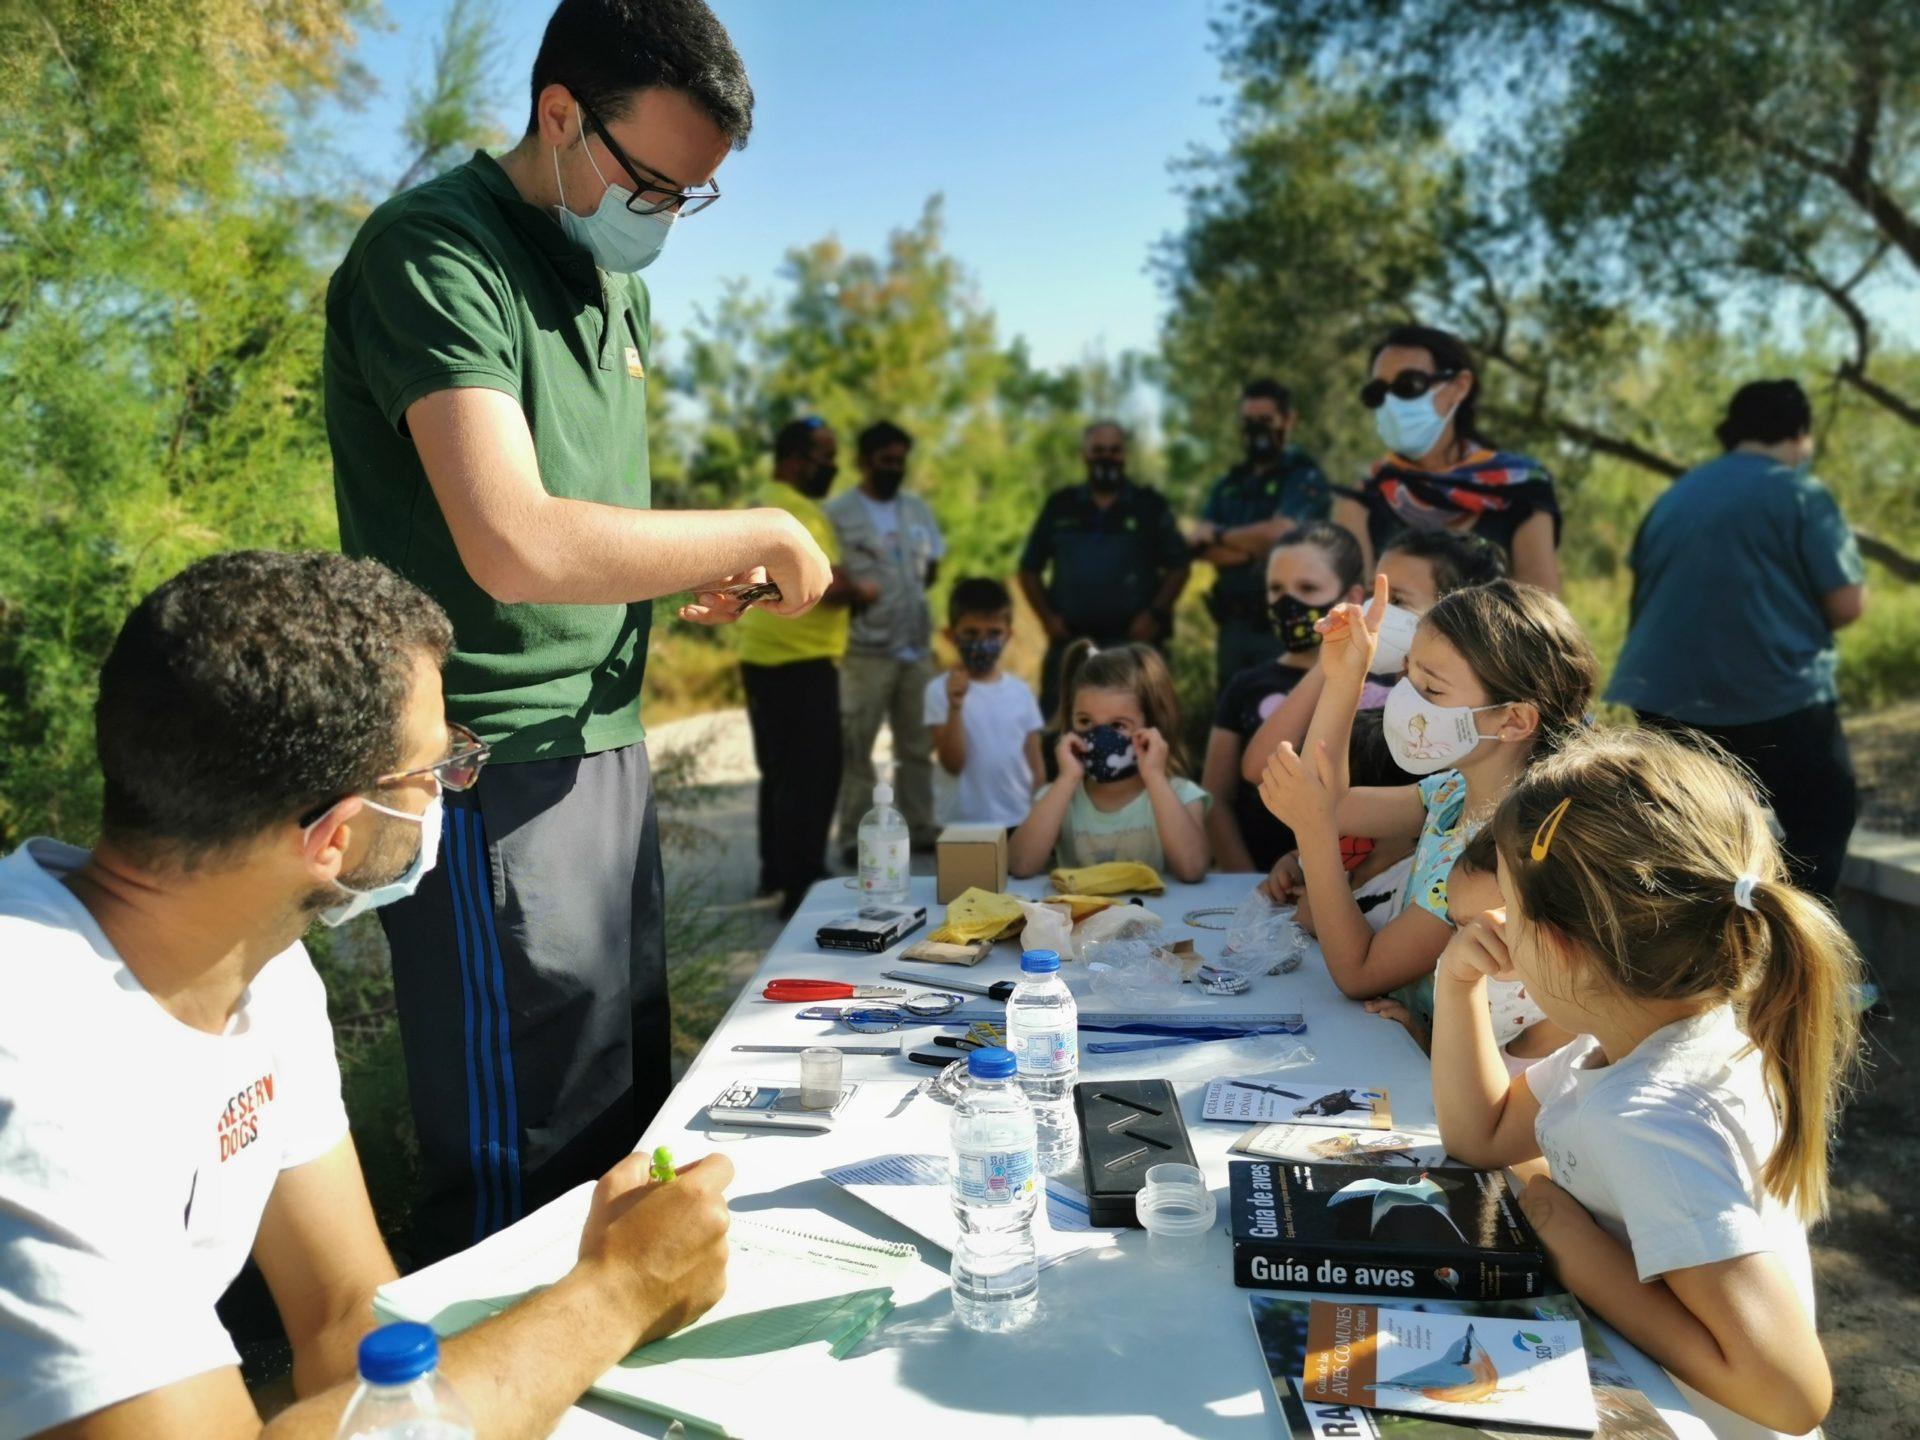 Vera presenta el proyecto educativo de puesta en valor y conocimiento del entorno natural del municipio